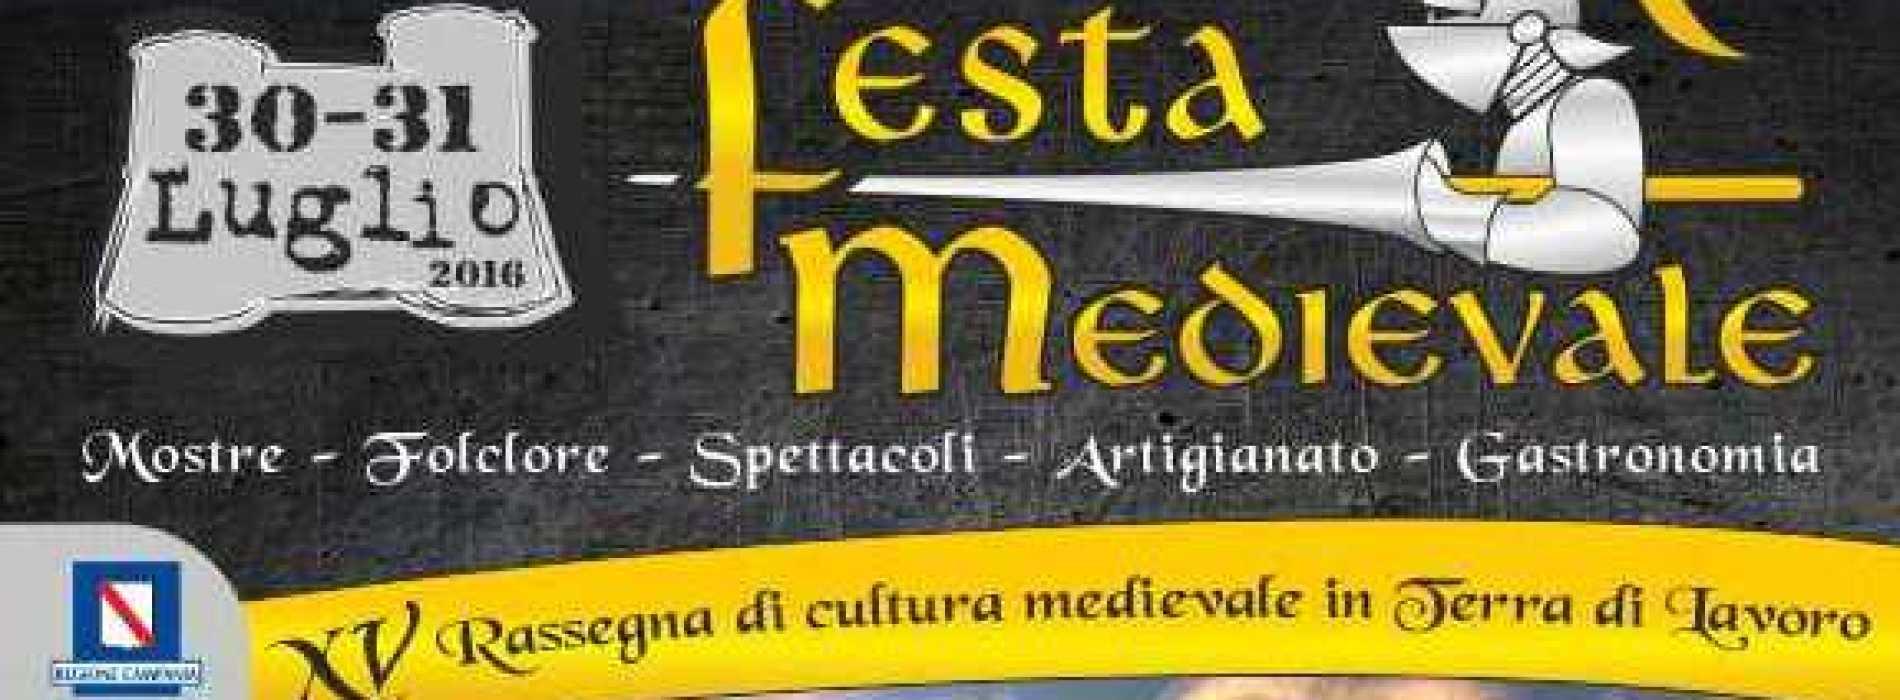 Festa Medievale a Vairano Patenora. Appuntamento a fine luglio